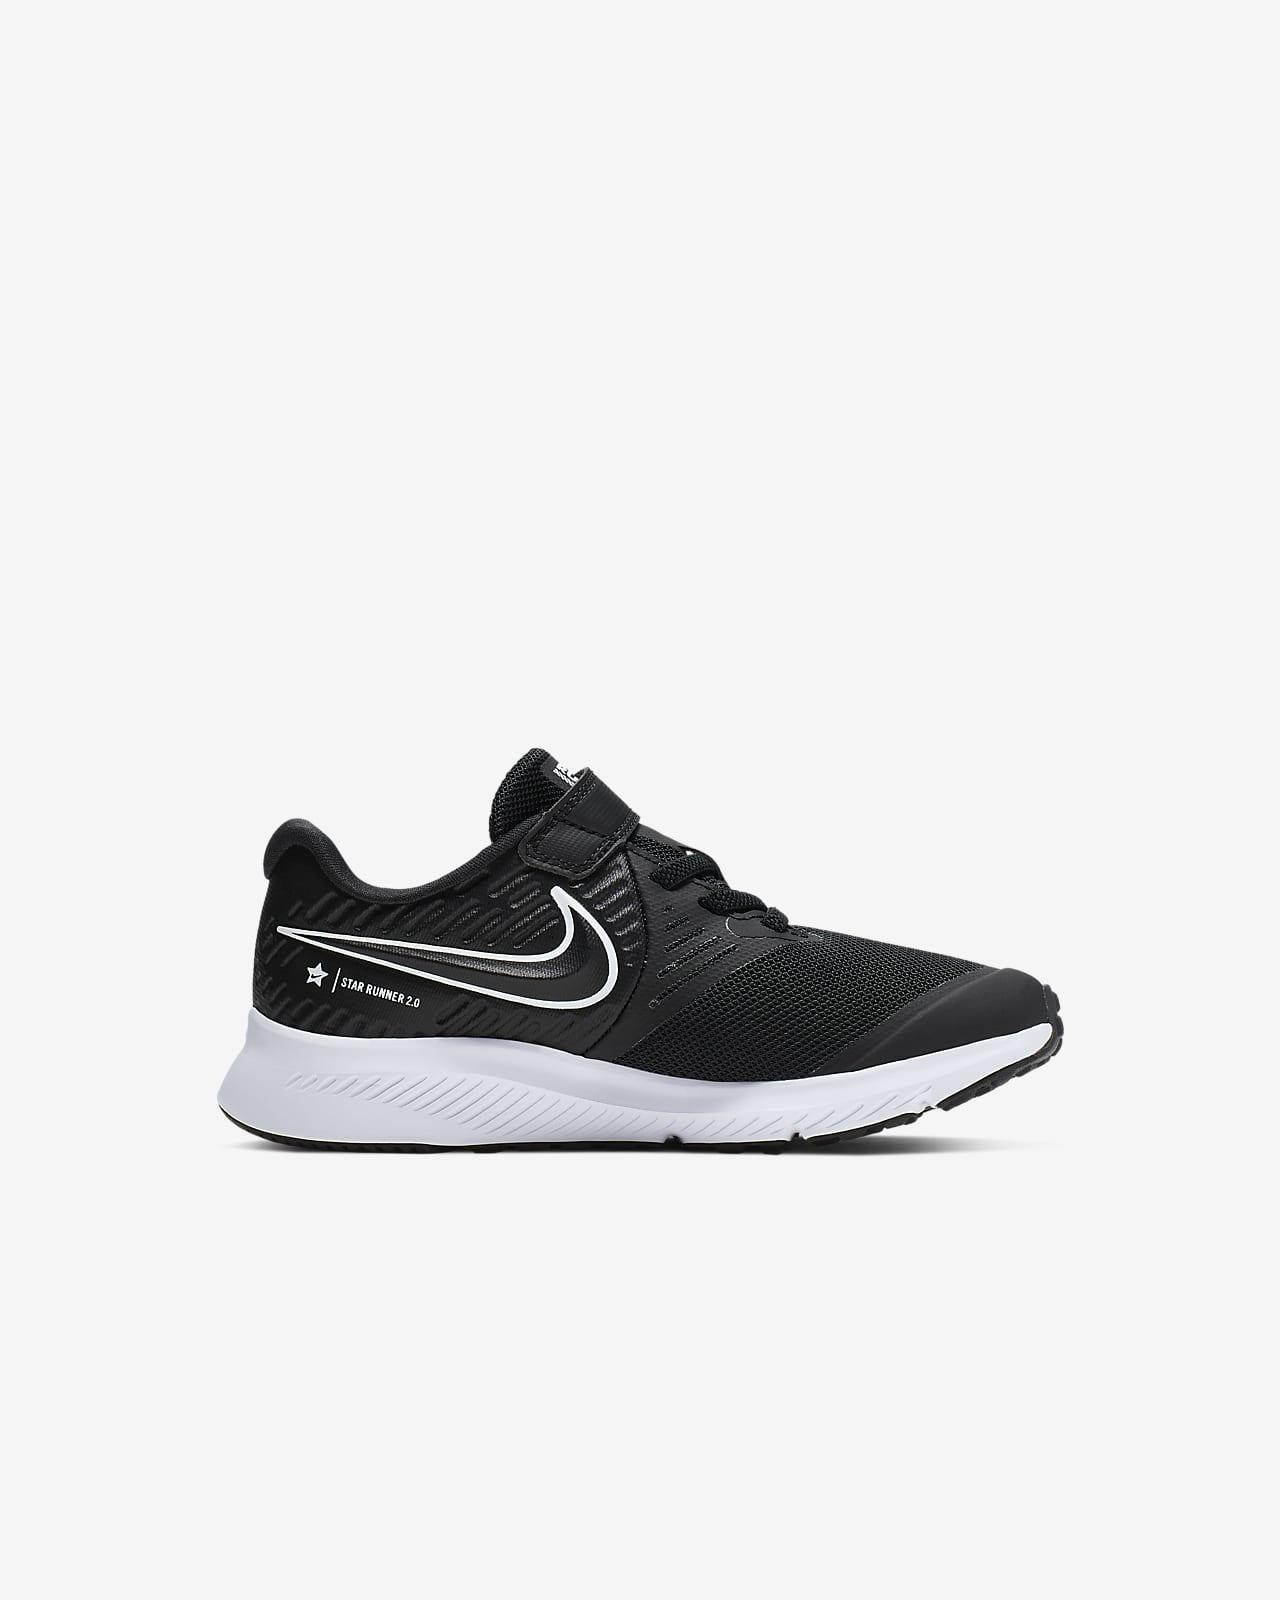 Egomanía Anterior Rubicundo  Nike Star Runner 2 Zapatillas - Niño/a pequeño/a. Nike ES